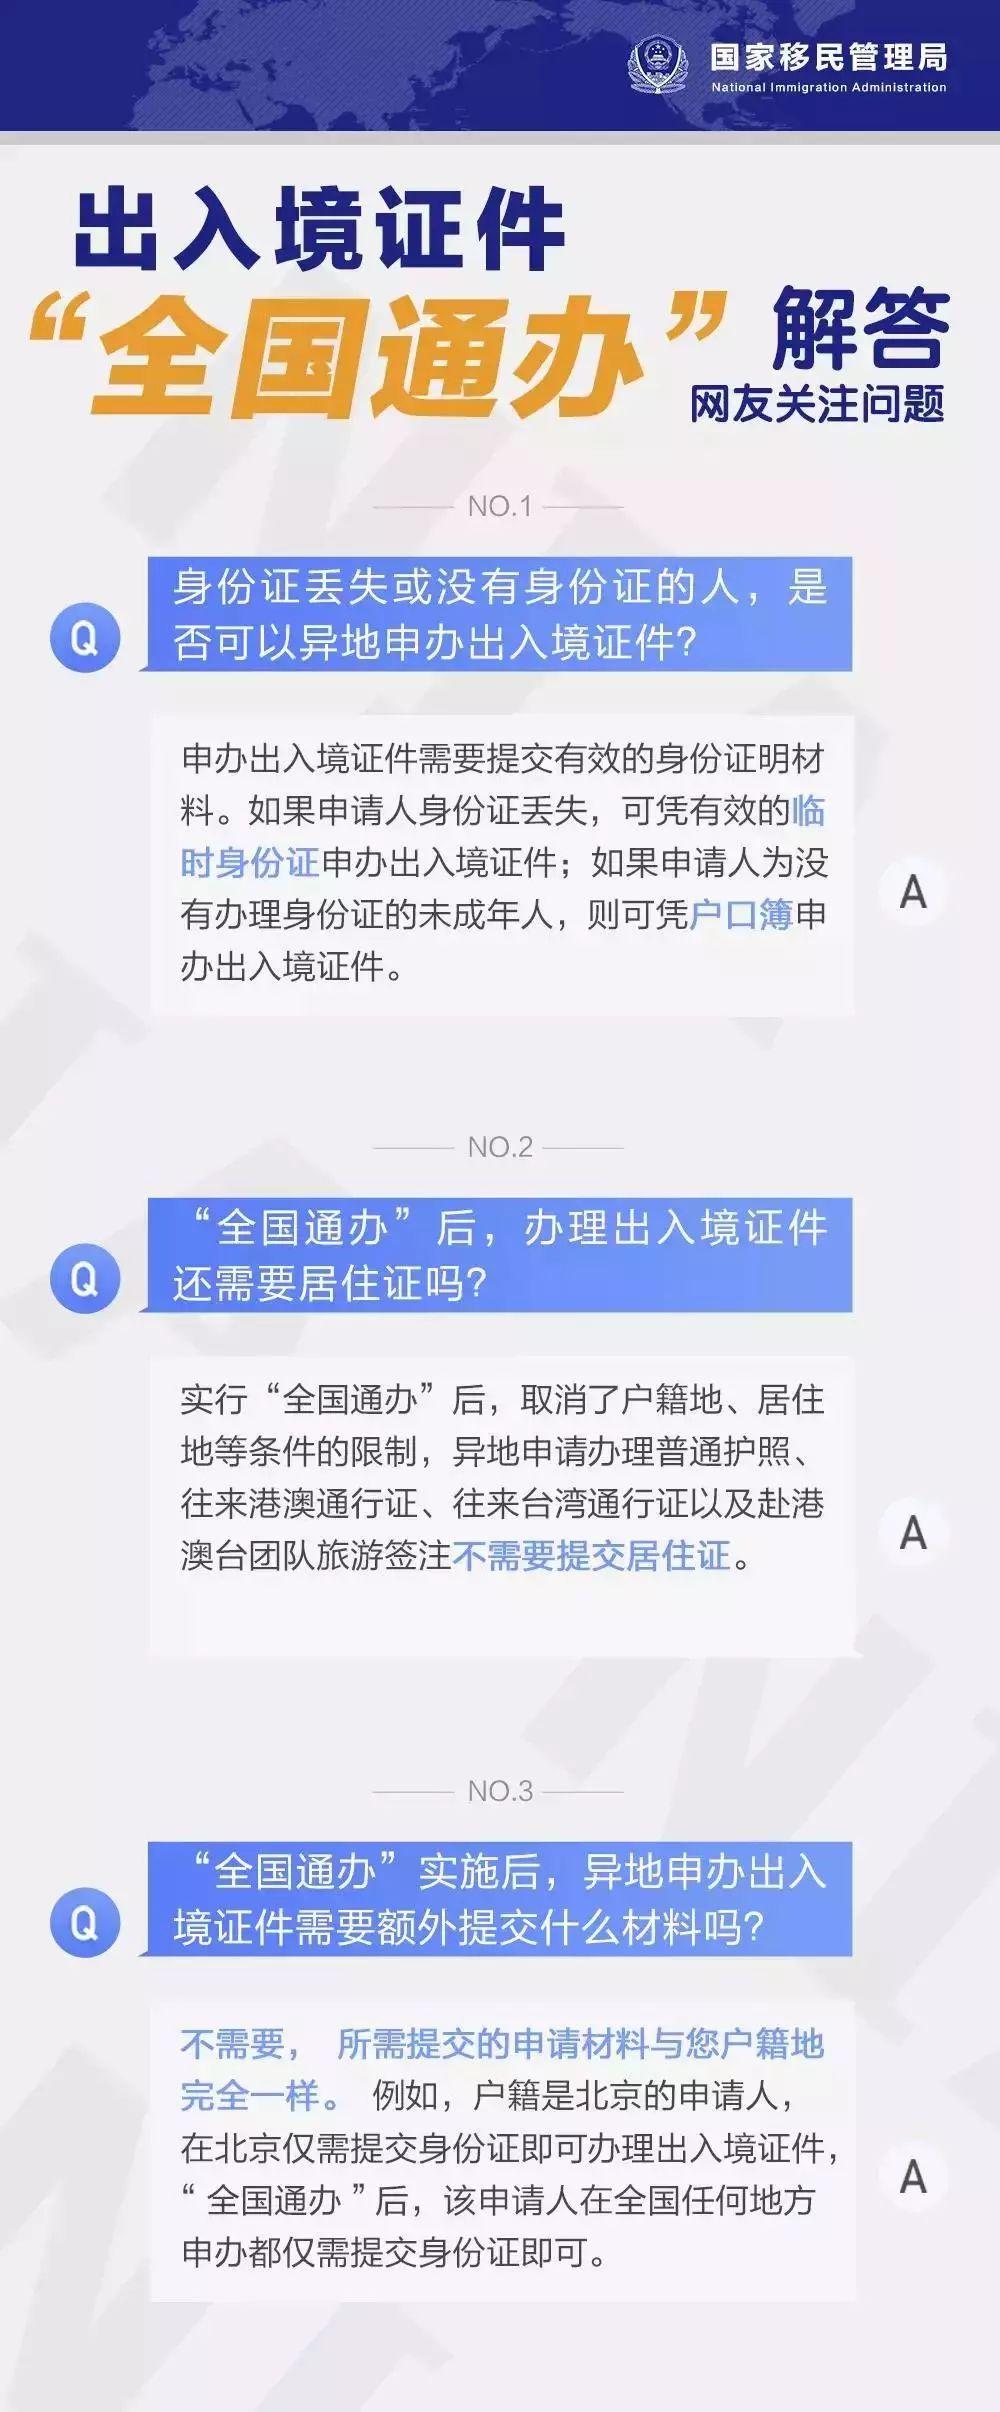 好消息!4月1日起外省居民可在三亚申办出入境证件啦